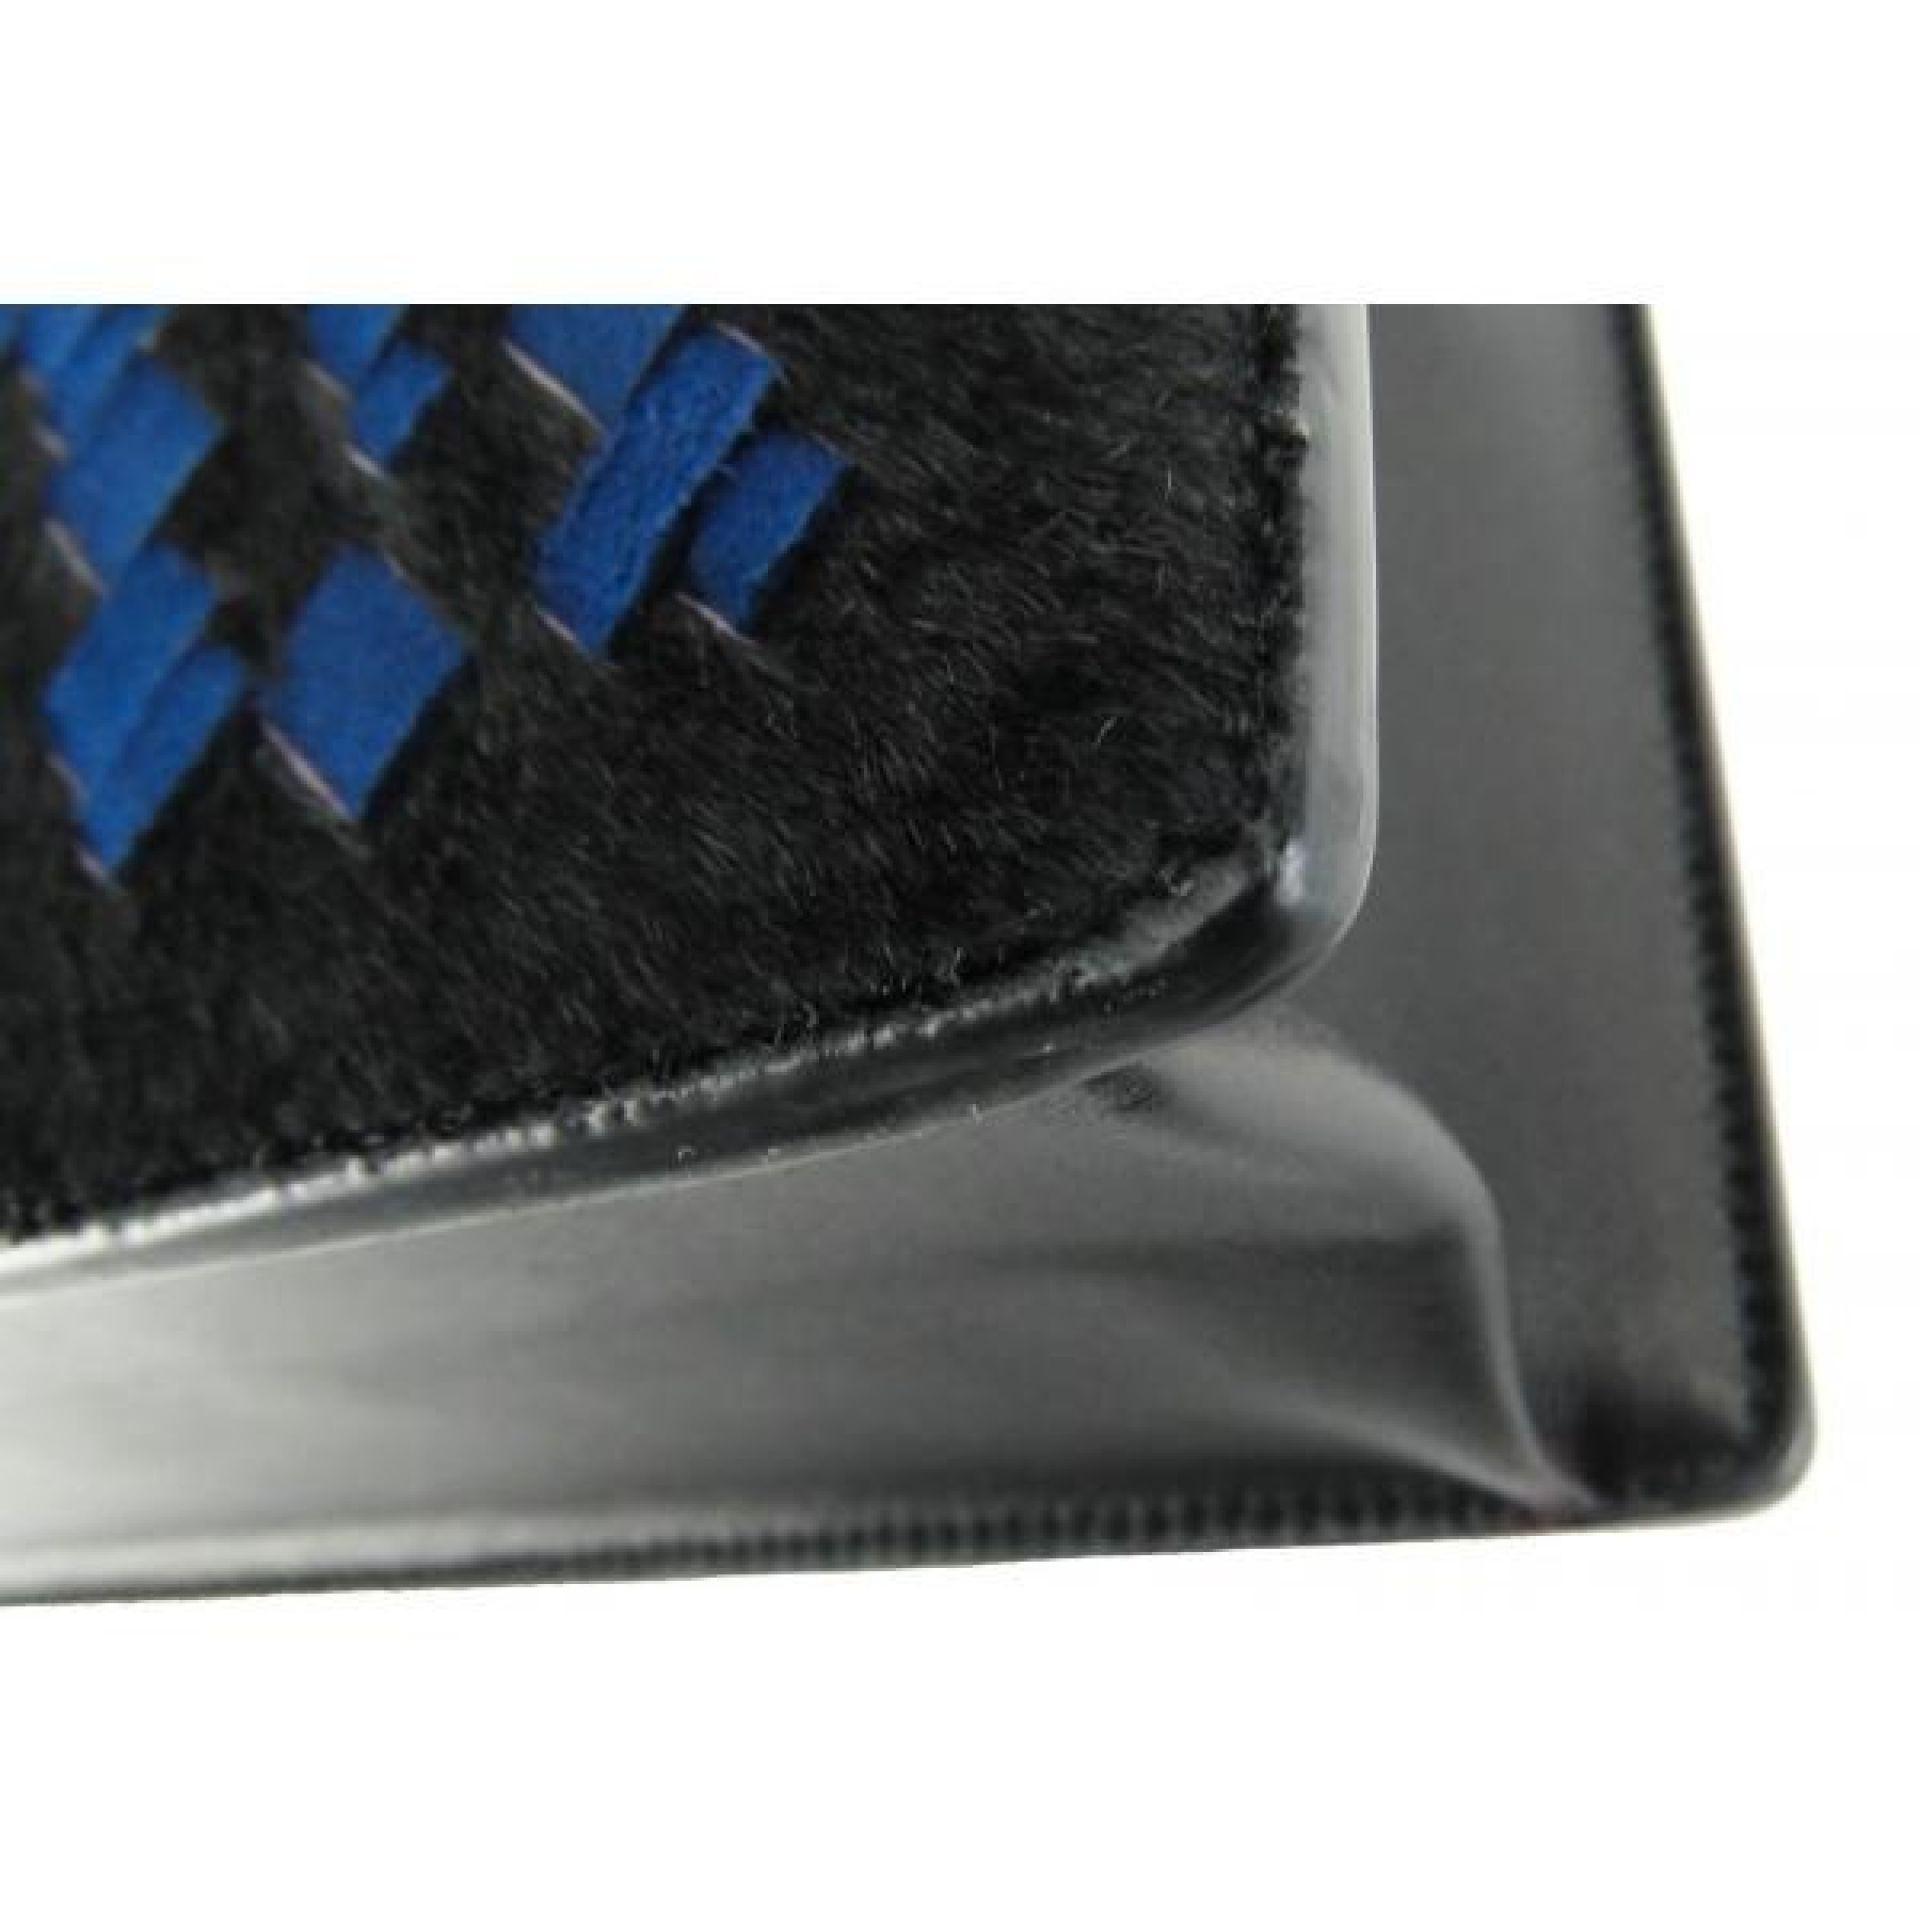 Salvatore Ferragamo Black and Blue Calf Hair Katia Top Handle Shoulder Bag